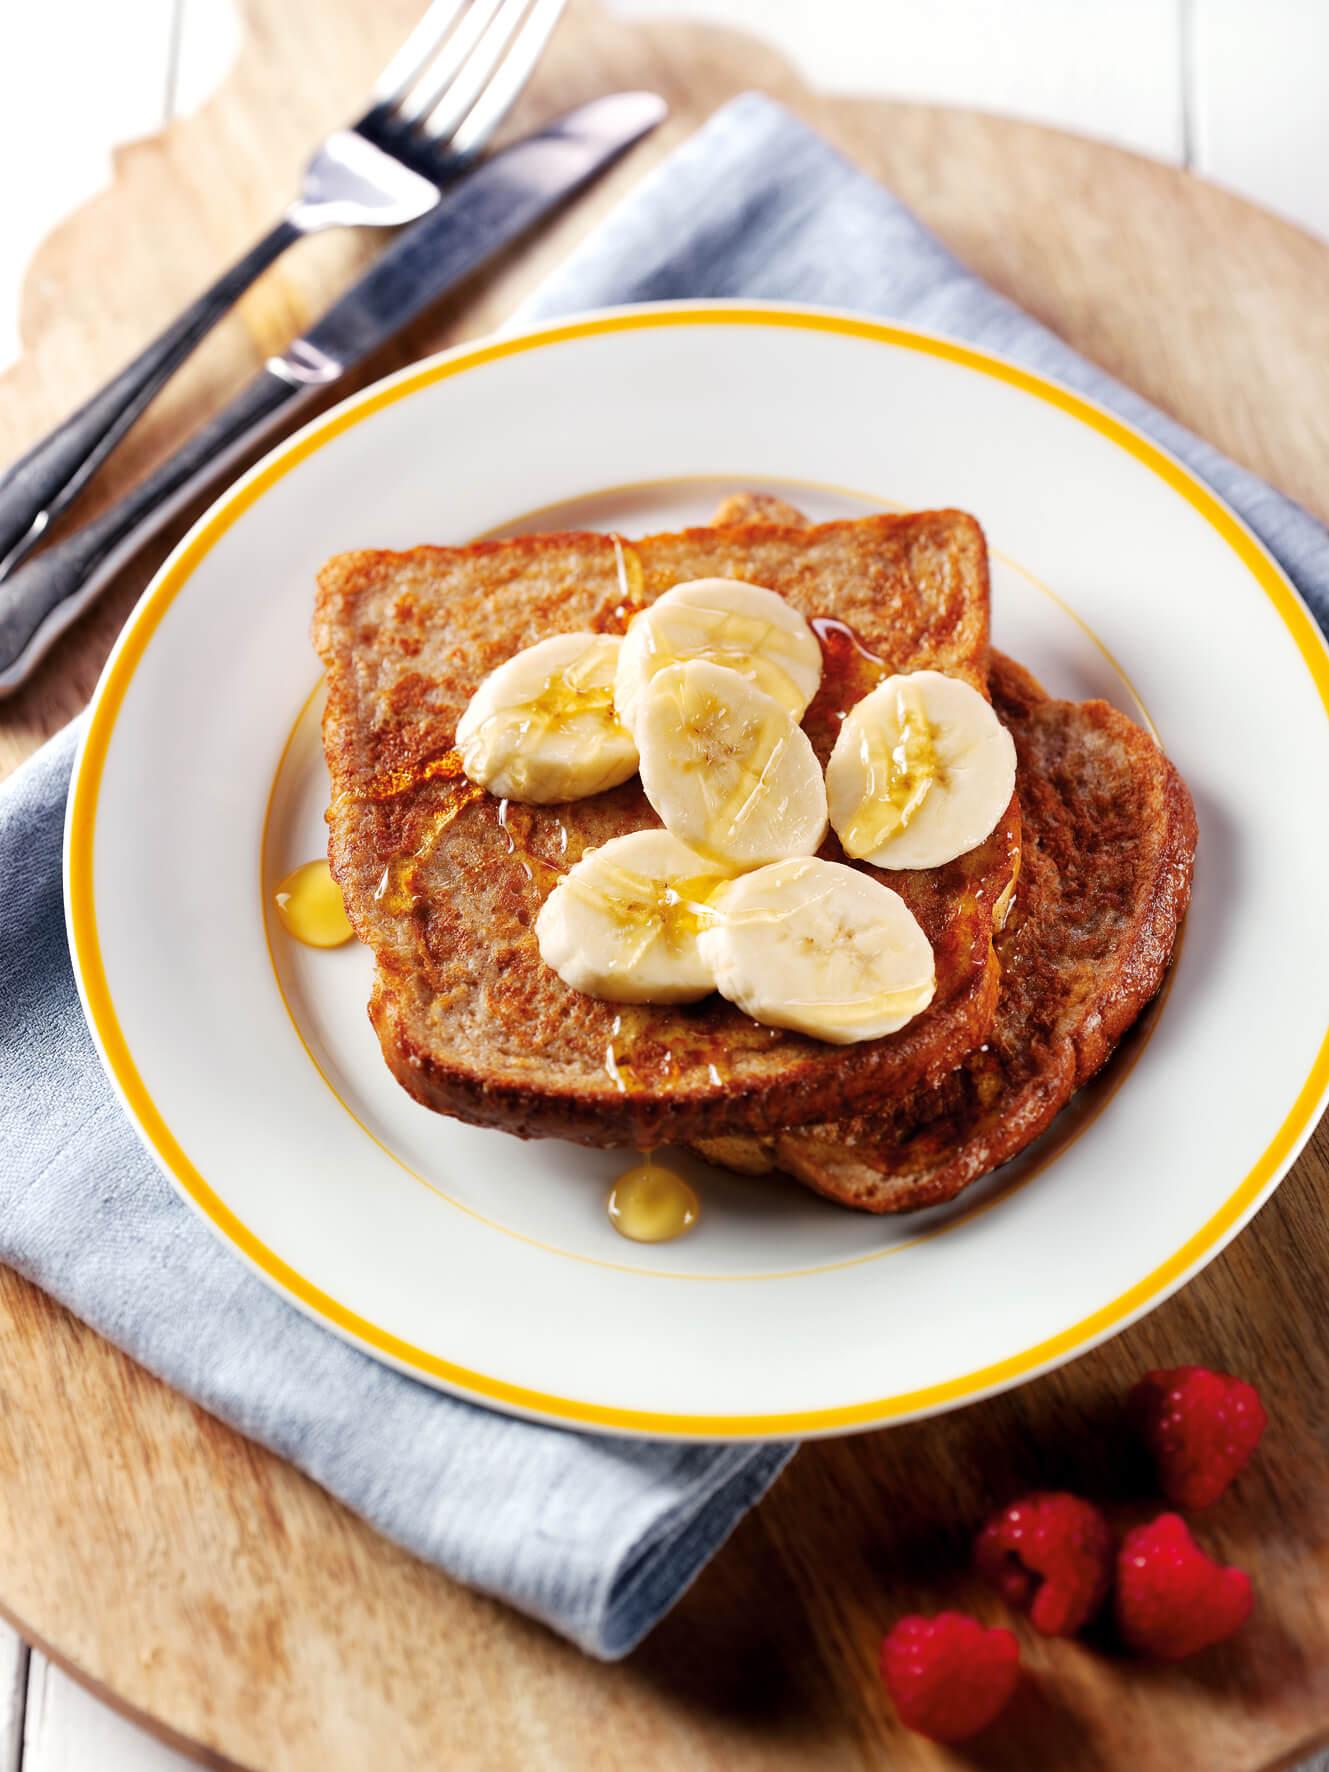 honey recipes, breakfast with honey, breakfast honey, honey breakfast, honey bee's house of breakfast menu, honey bee breakfast, honey bee house of breakfast, breakfast recipes with honey, honey for breakfast